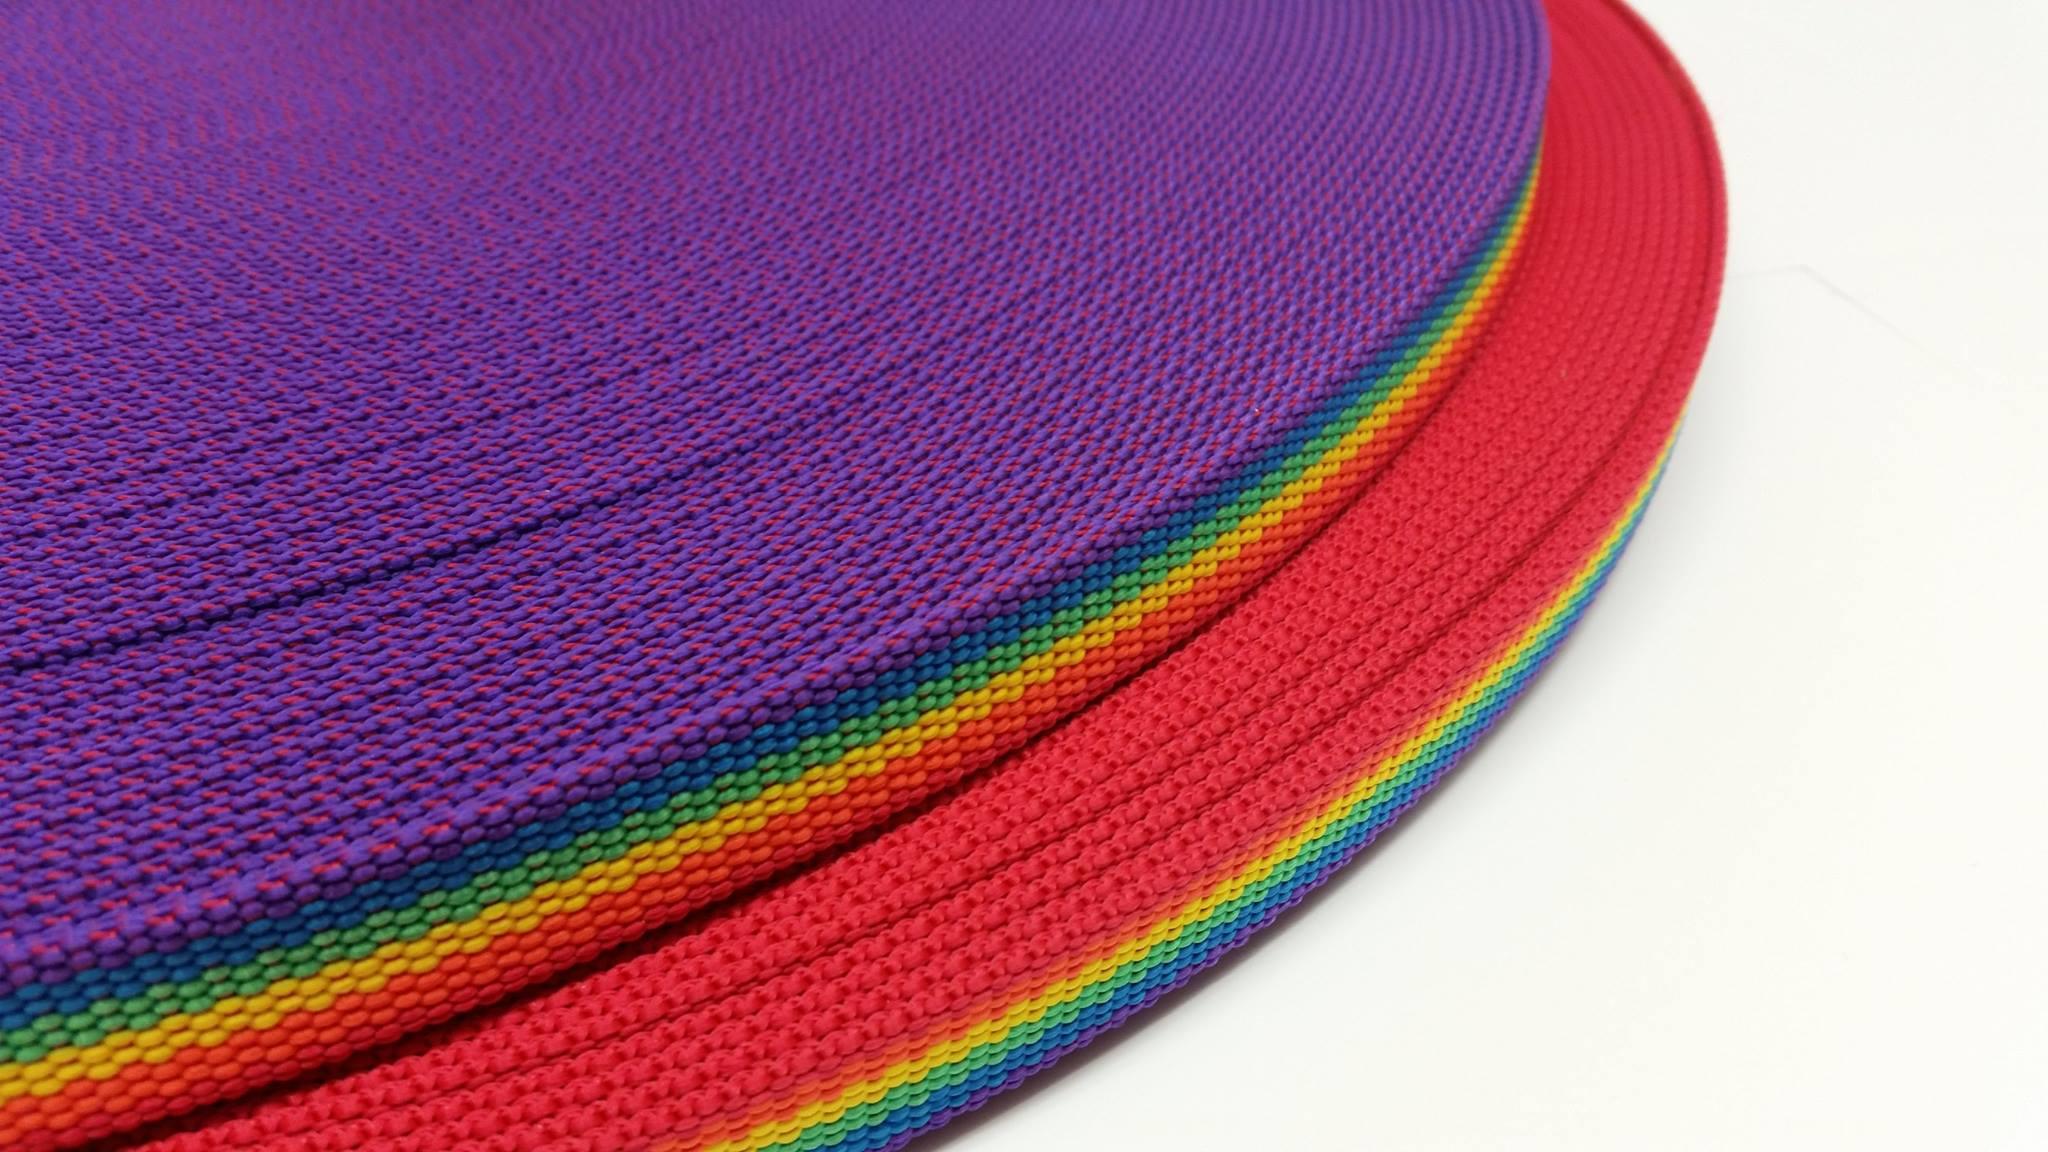 PP-Gurtband Regenbogendesign